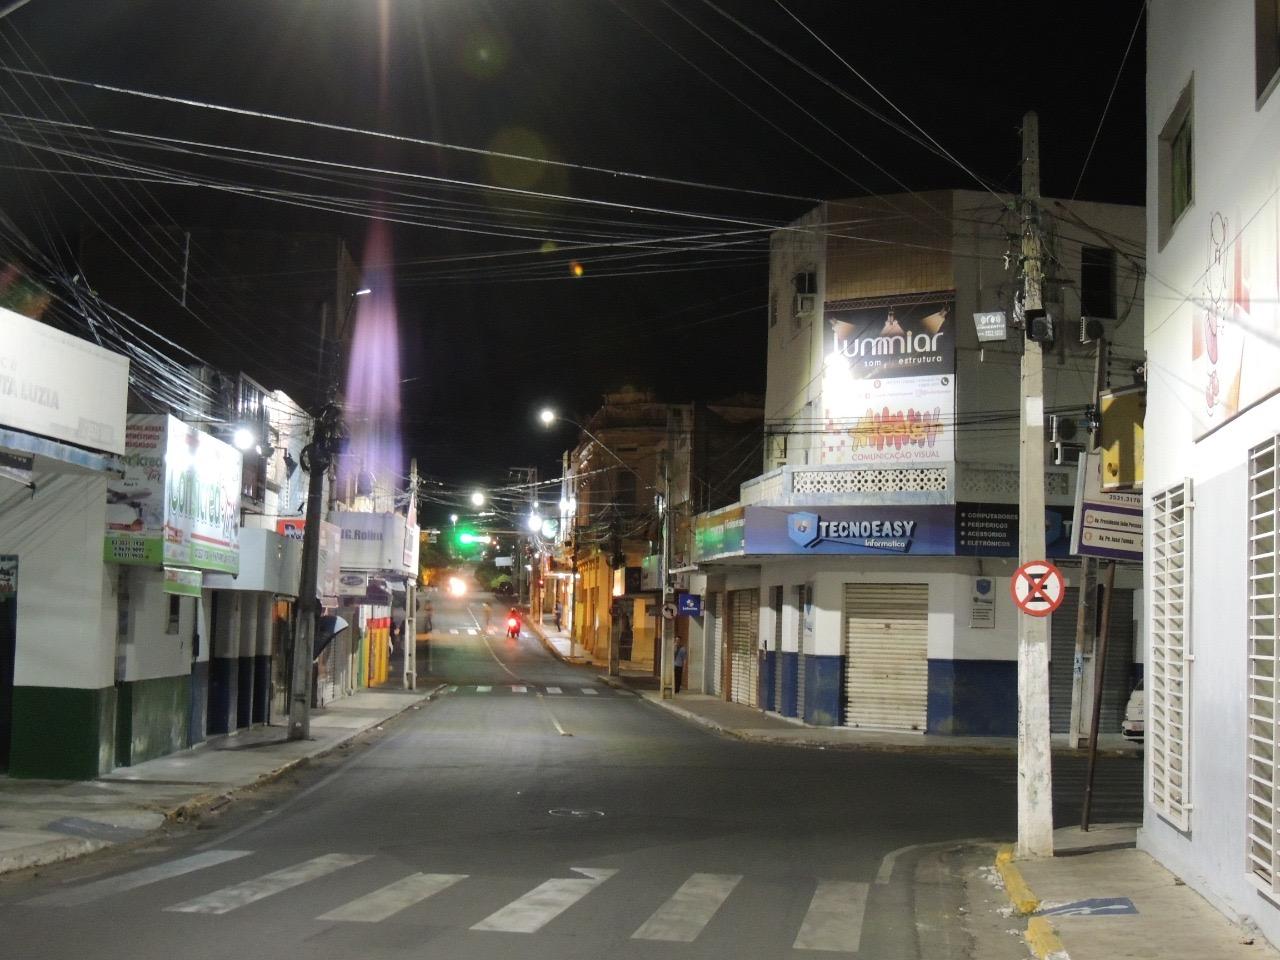 49bdd8b6 a731 483f b5f3 bffe183b21c3 - População de Monteiro, Congo e Cajazeiras é beneficiada com renovação da iluminação pública